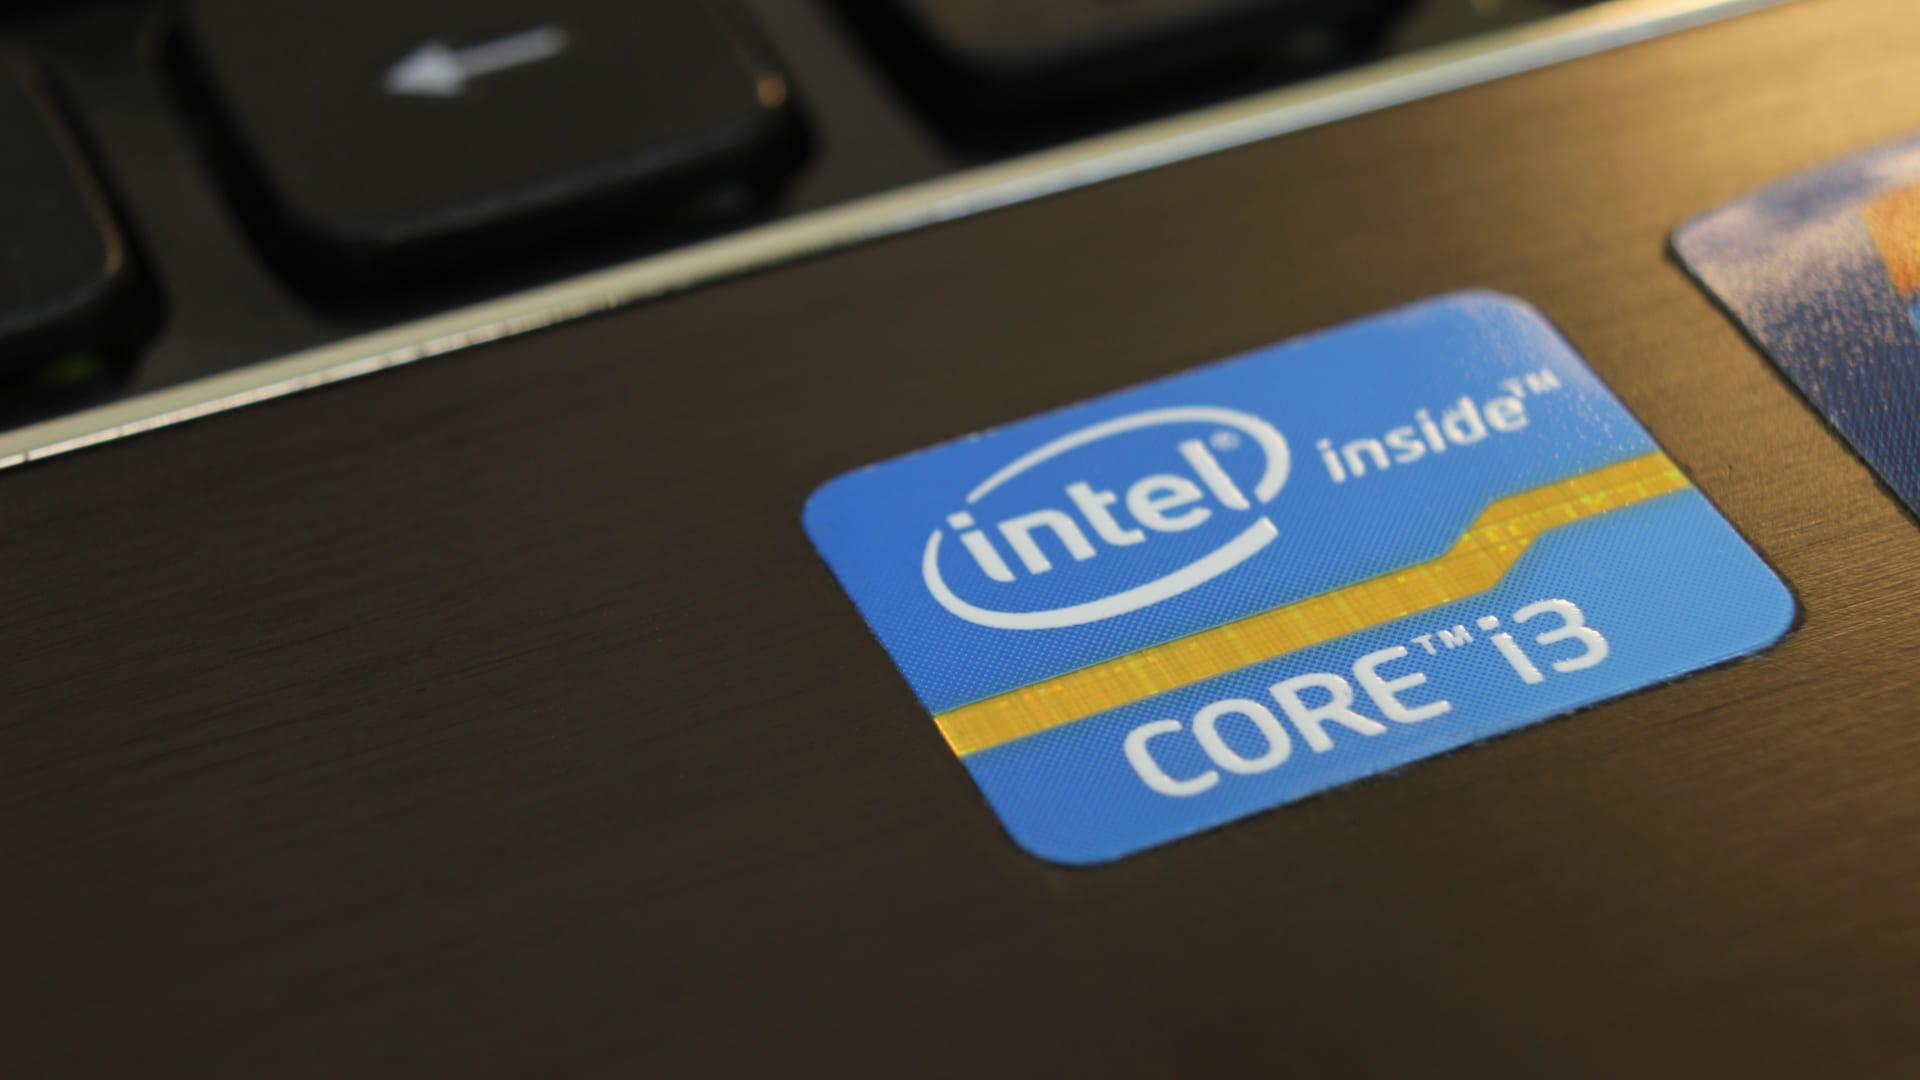 Etiqueta azul do processador Intel Core i3 no notebook.